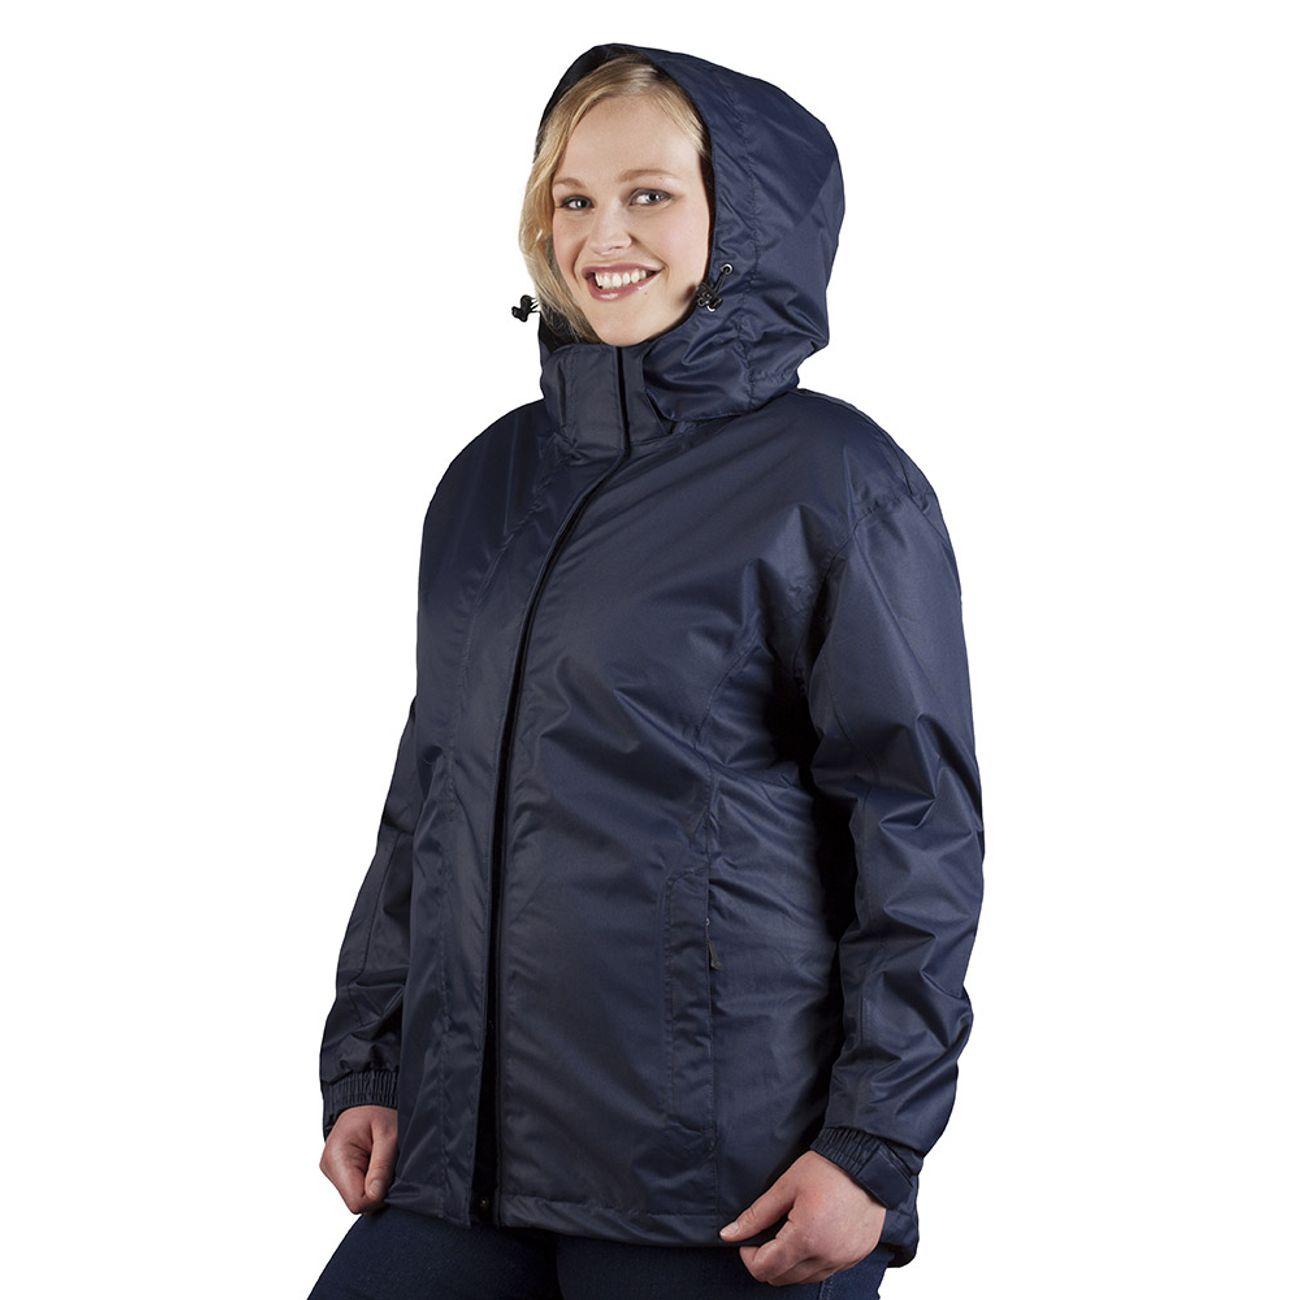 c et a veste femme grande taille les vestes la mode sont populaires partout dans le monde. Black Bedroom Furniture Sets. Home Design Ideas